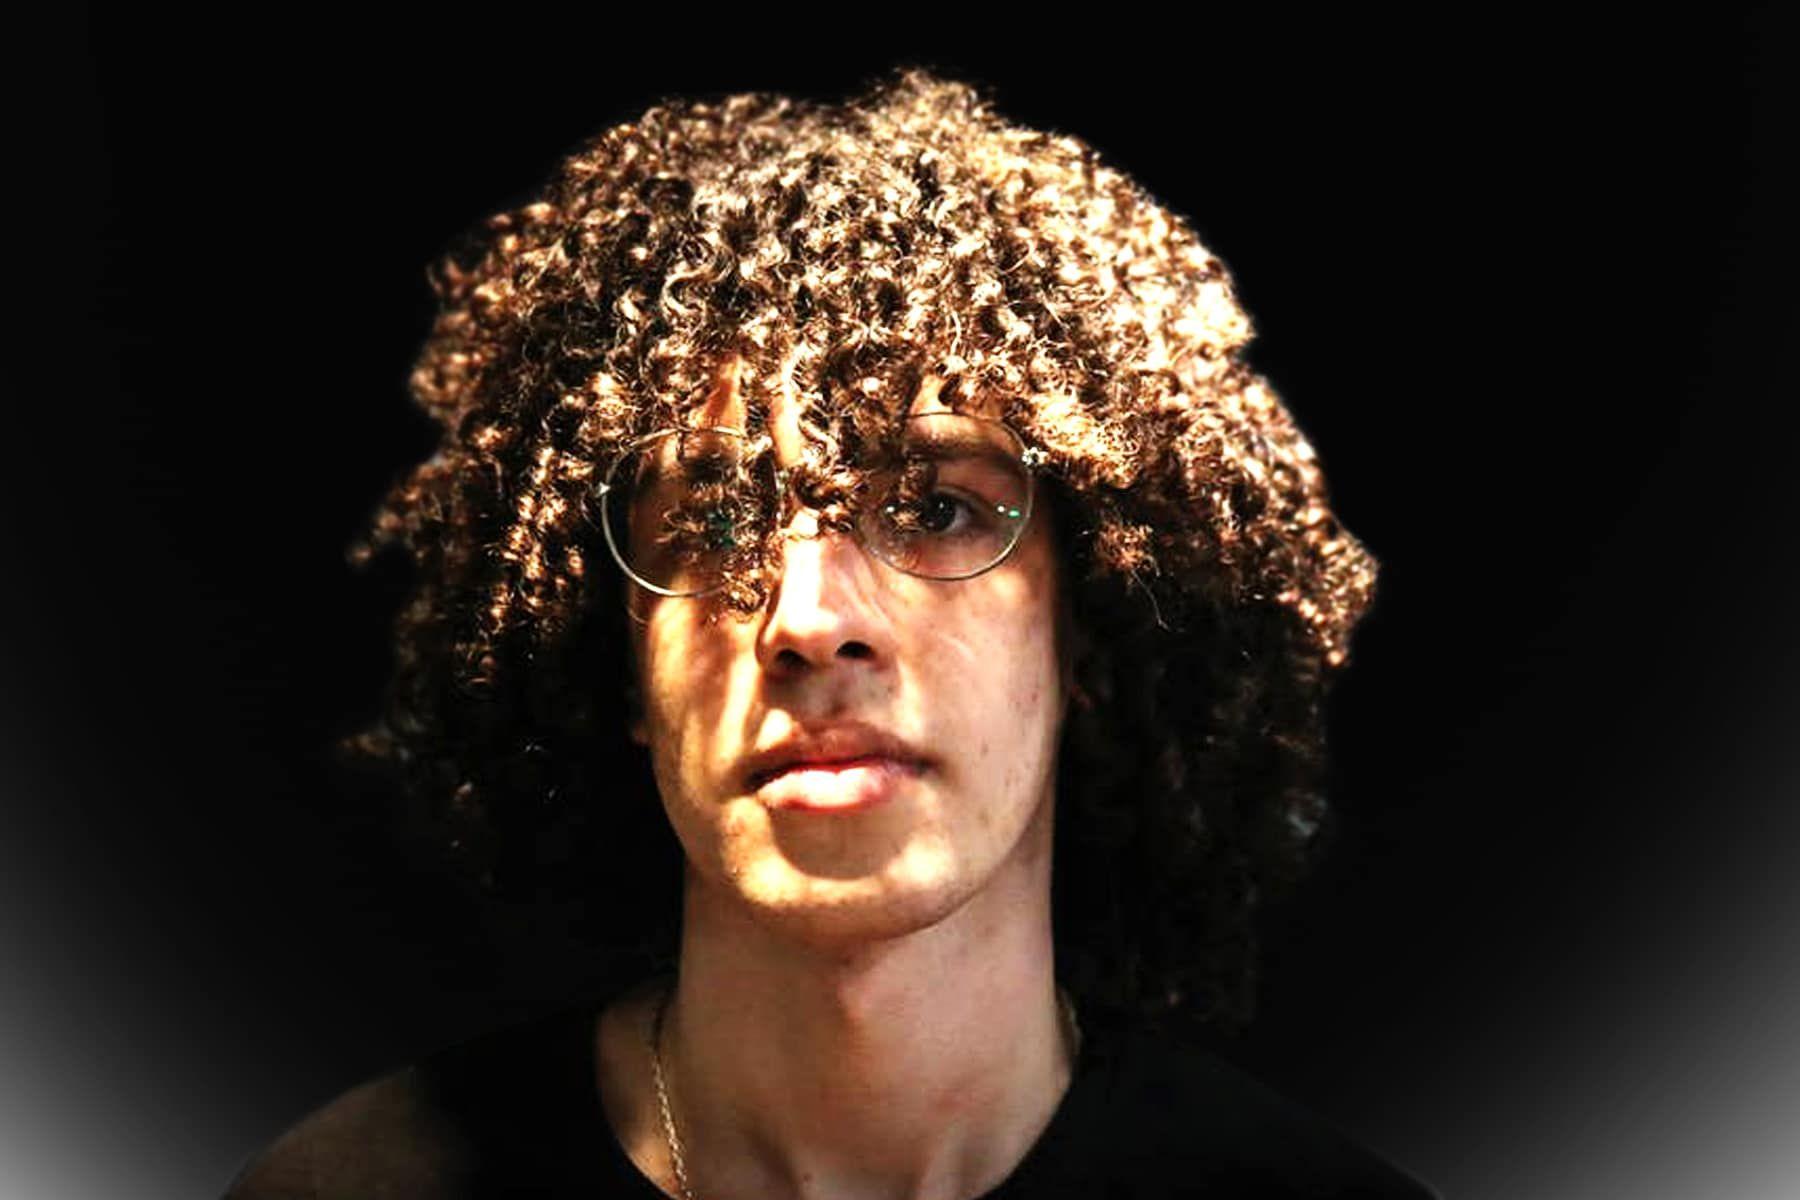 Mannliche Dauerwellen Arten Von Dauerwellen Fur Manner Dauerwellen Fur Manner Neueste Frisuren Und Haarschnitte Fur Frauen Einfache Naturliche Frisuren Permed Hairstyles Hair Styles Perm